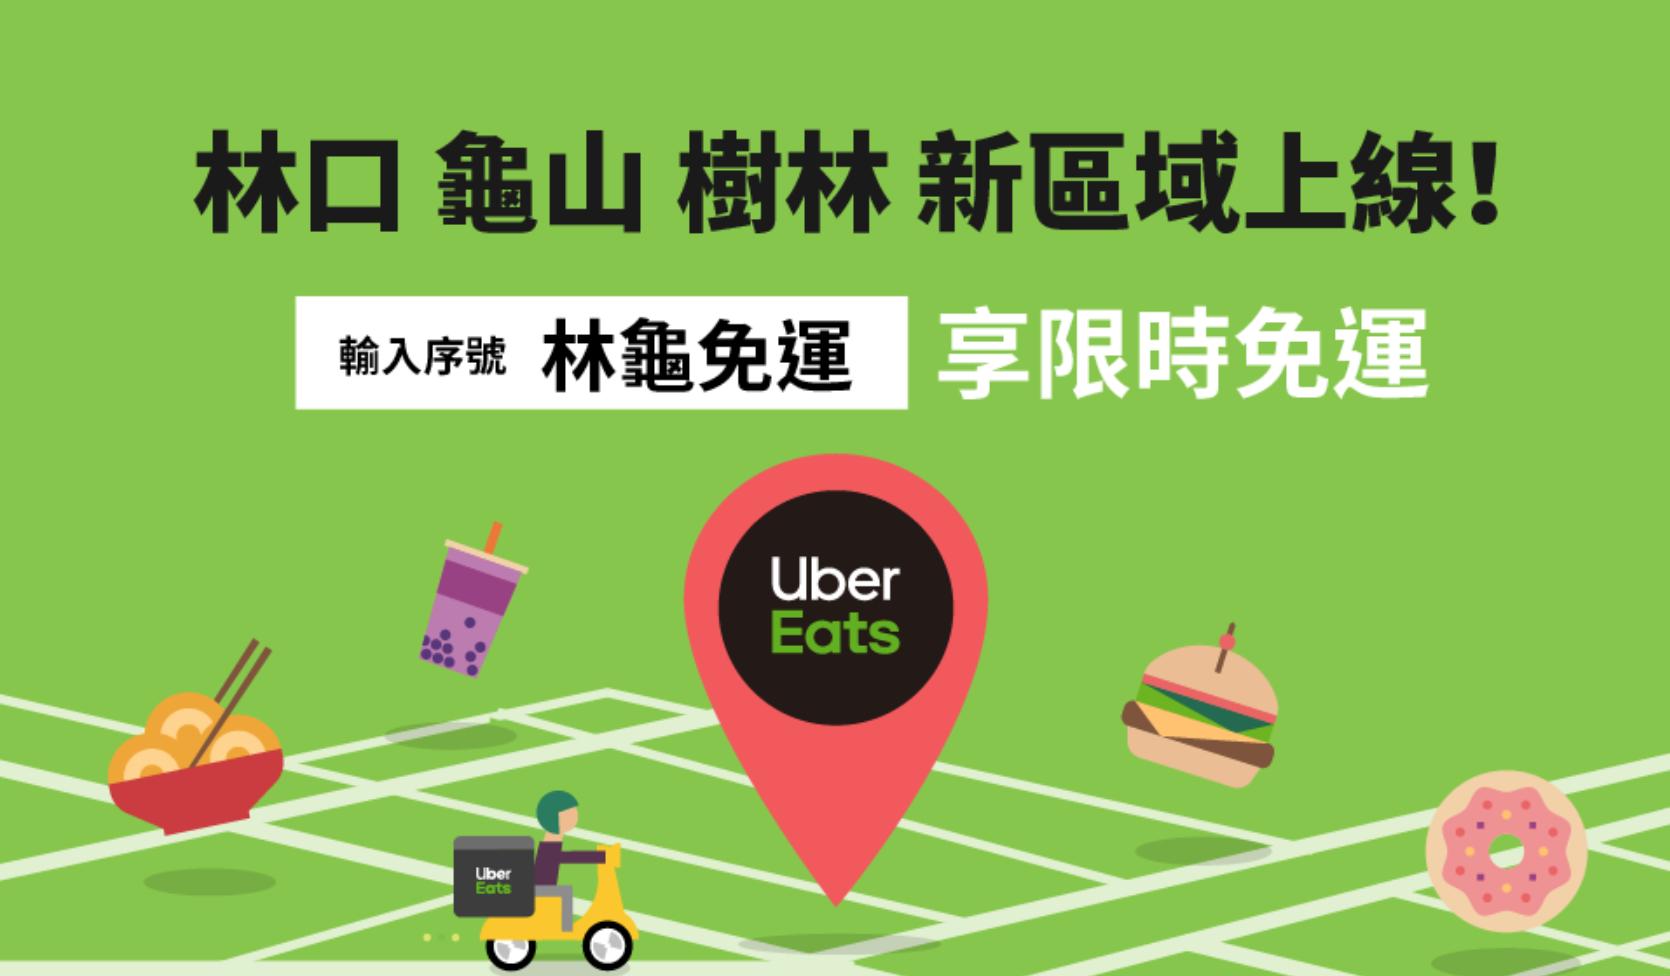 Uber Eats優惠-最新2019/8/8 餐廳外送首購優惠序號/折扣碼/推薦碼